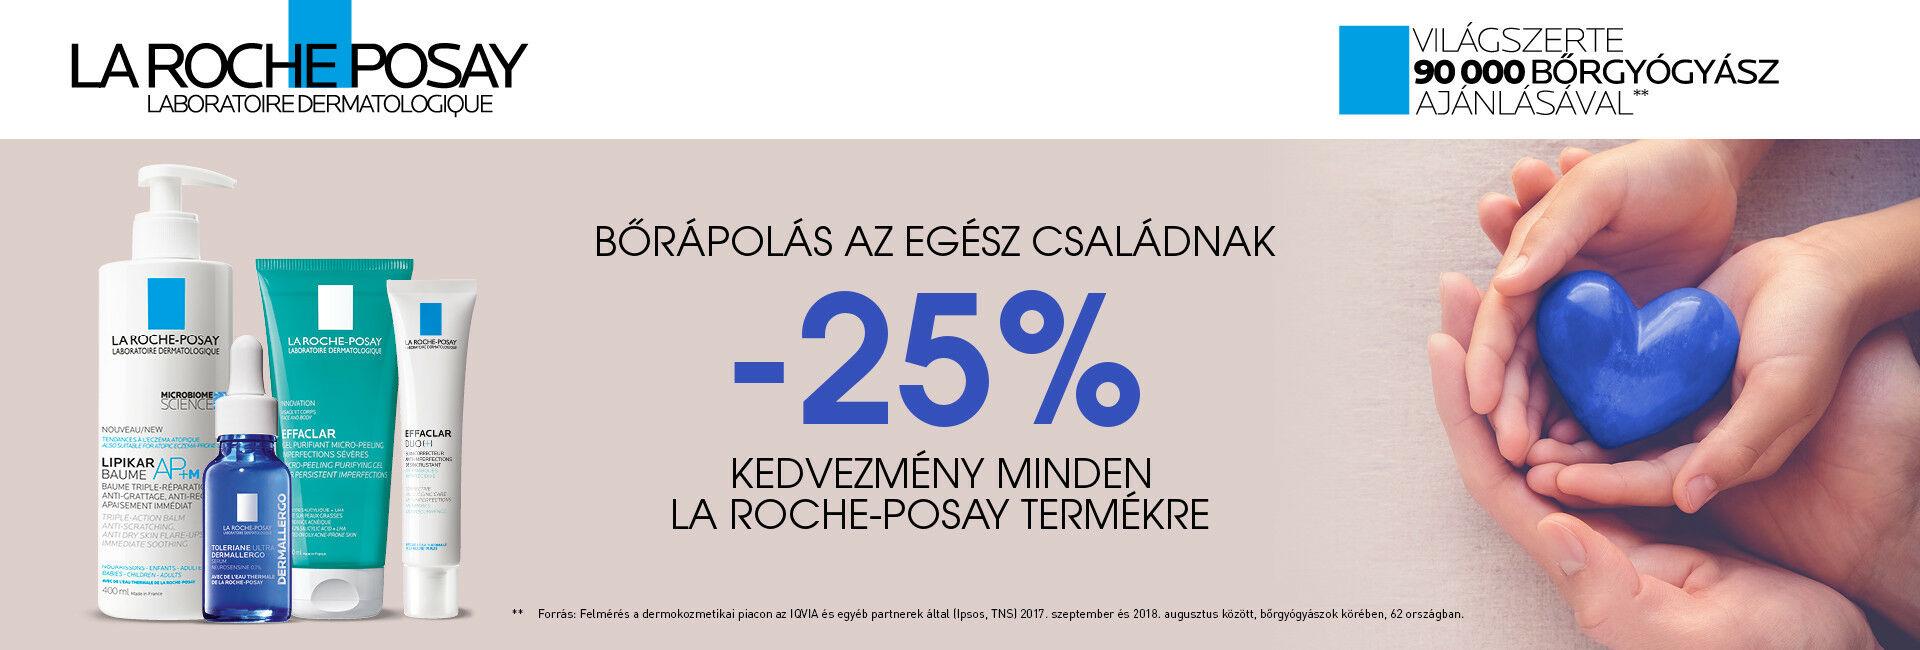 2020. június 20-29. között 25% kedvezményt adunk minden La Roche-Posay termék árából!